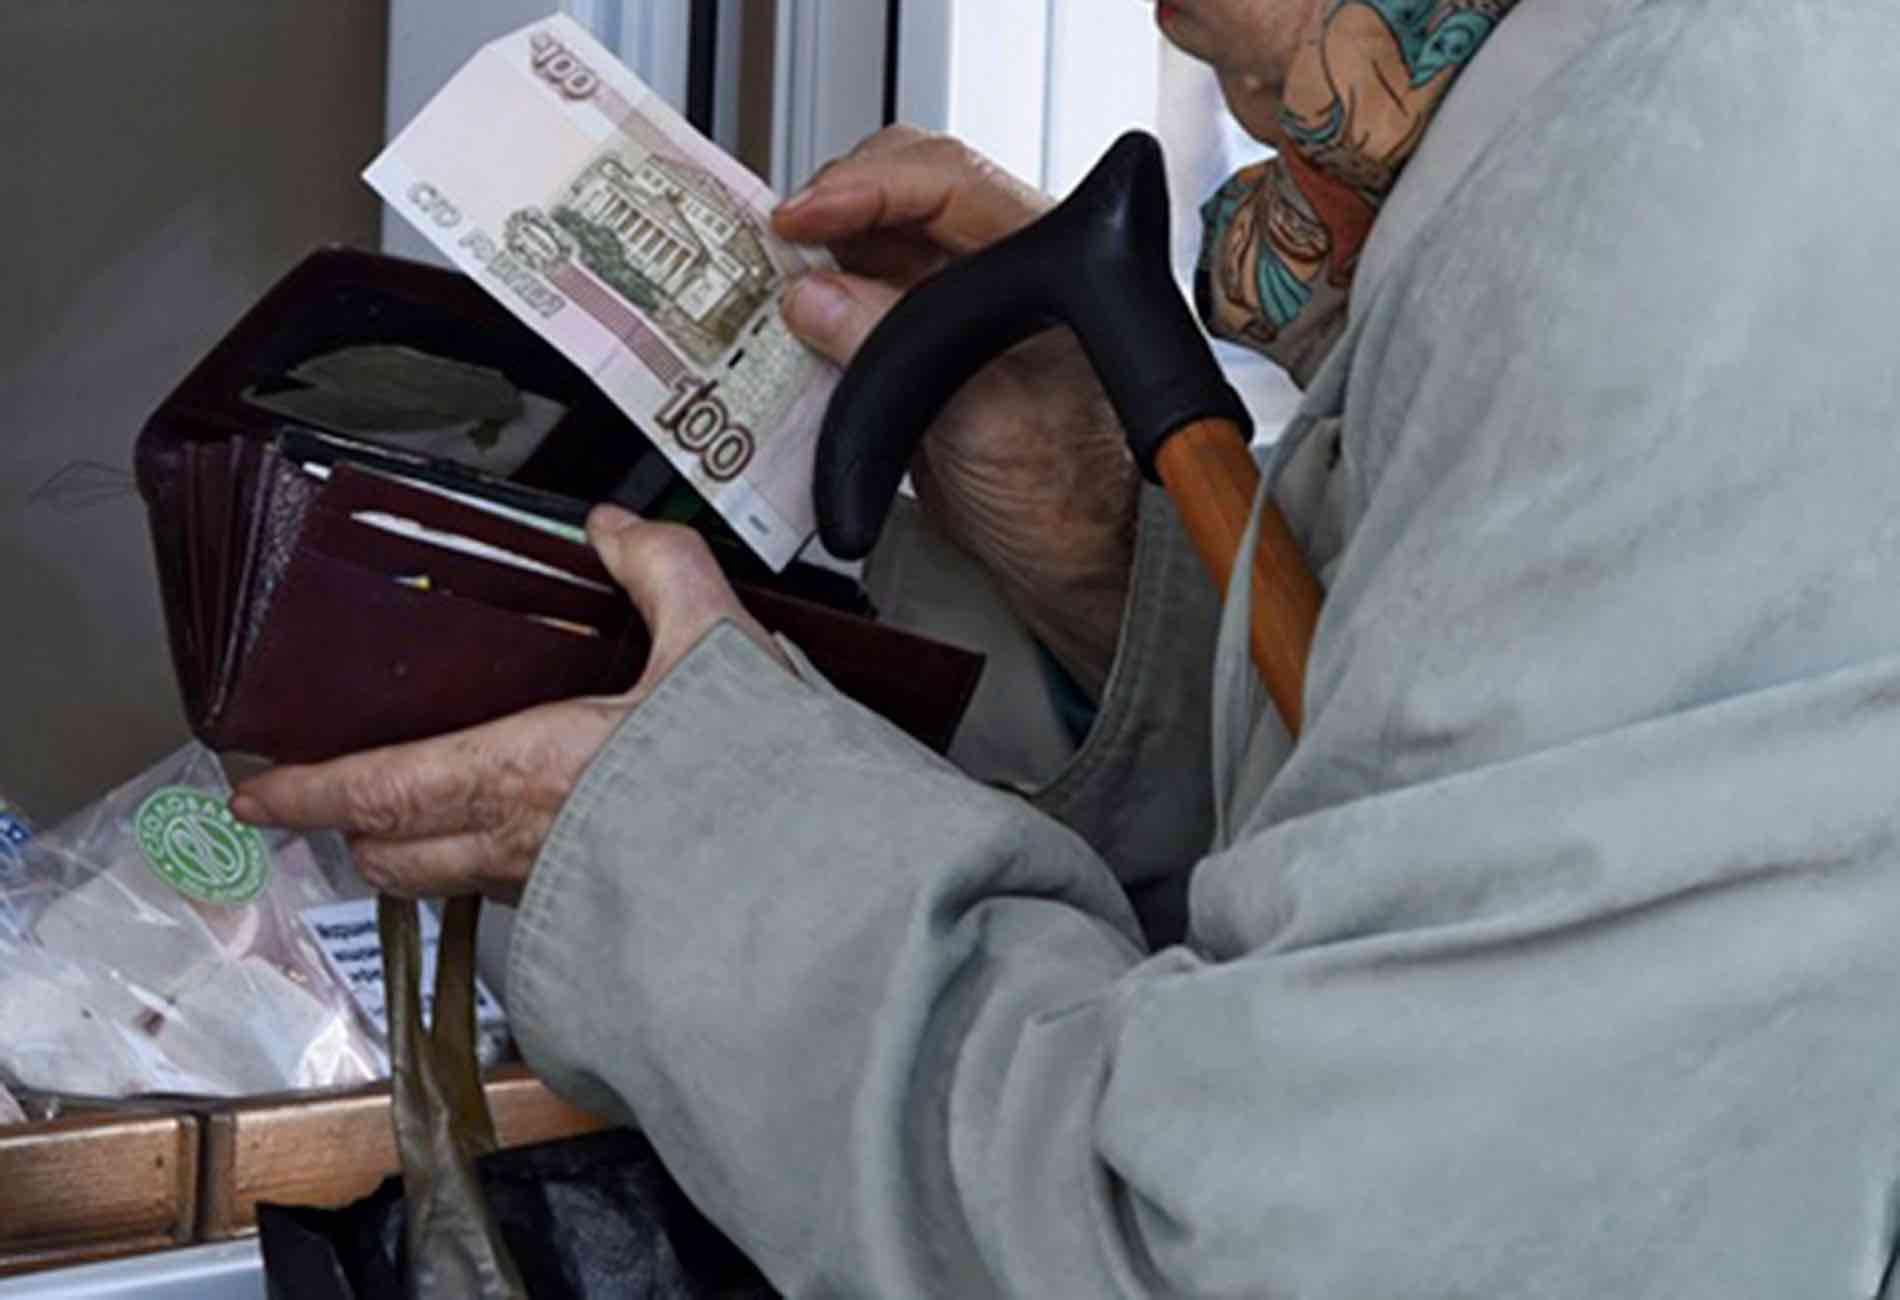 ПФР разъясняет: плановые и внеплановые повышения пенсий в течение года